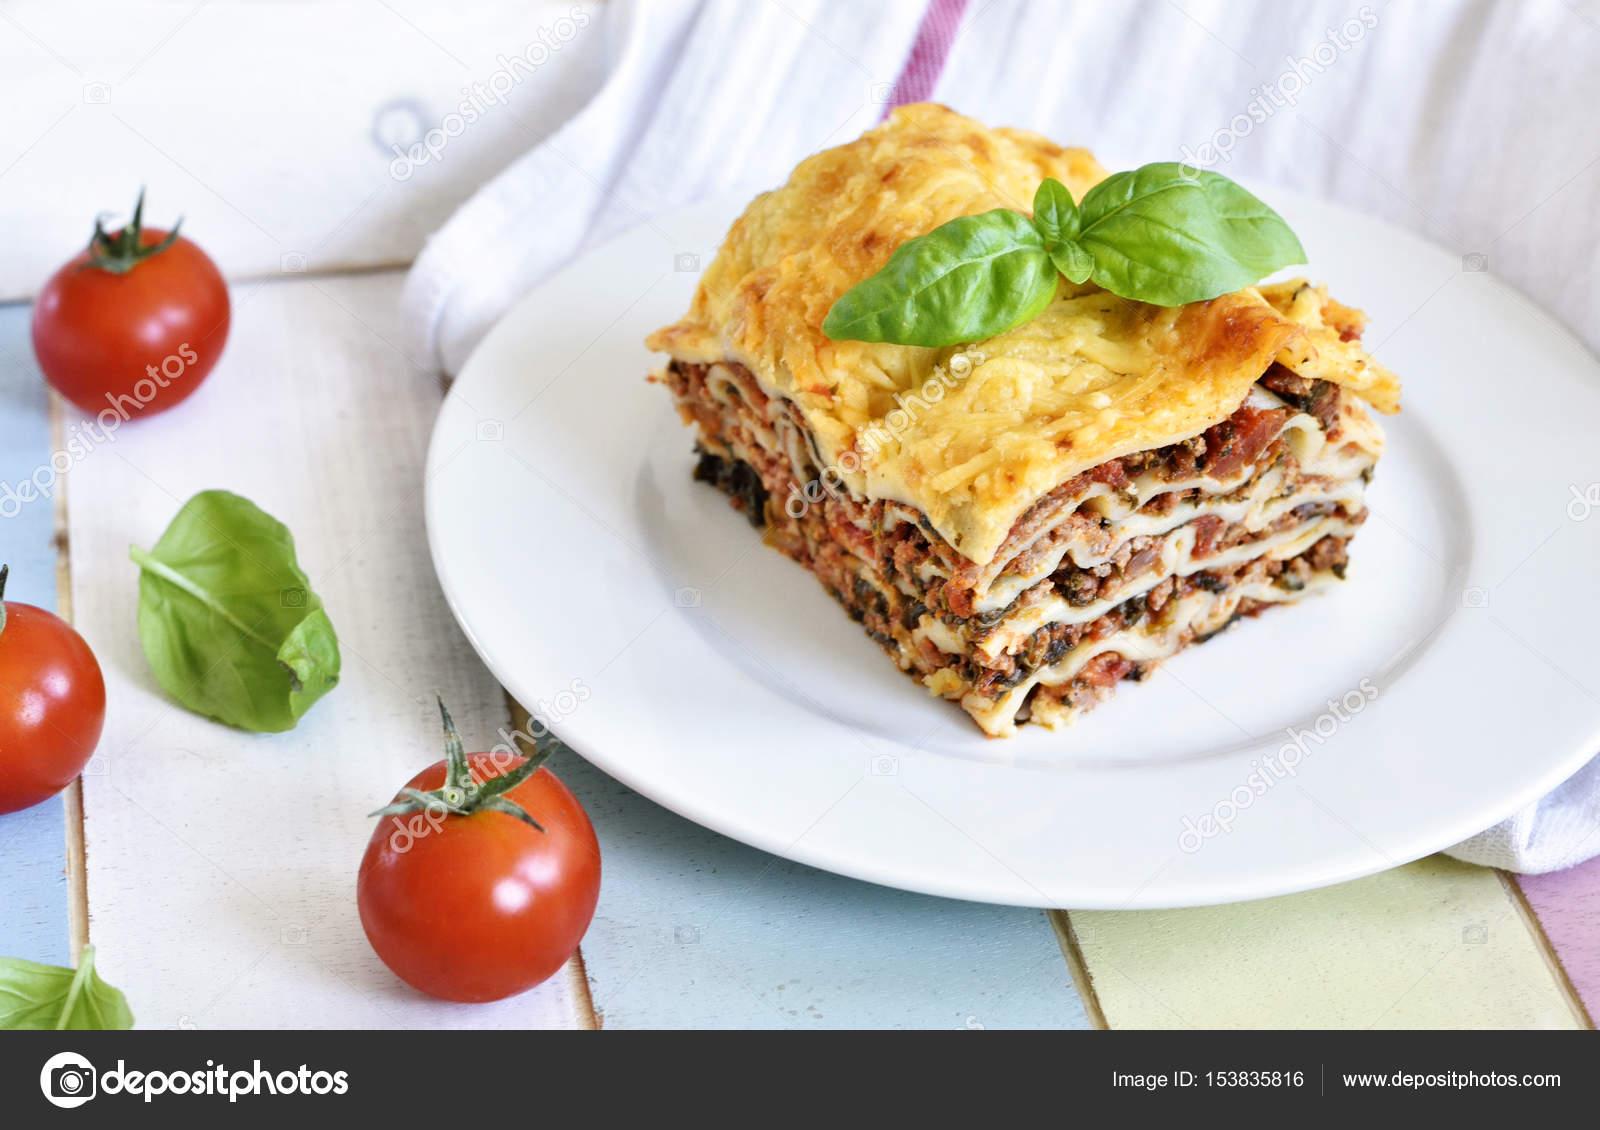 Frischfleisch italienische lasagne — Stockfoto © Eivaisla #153835816